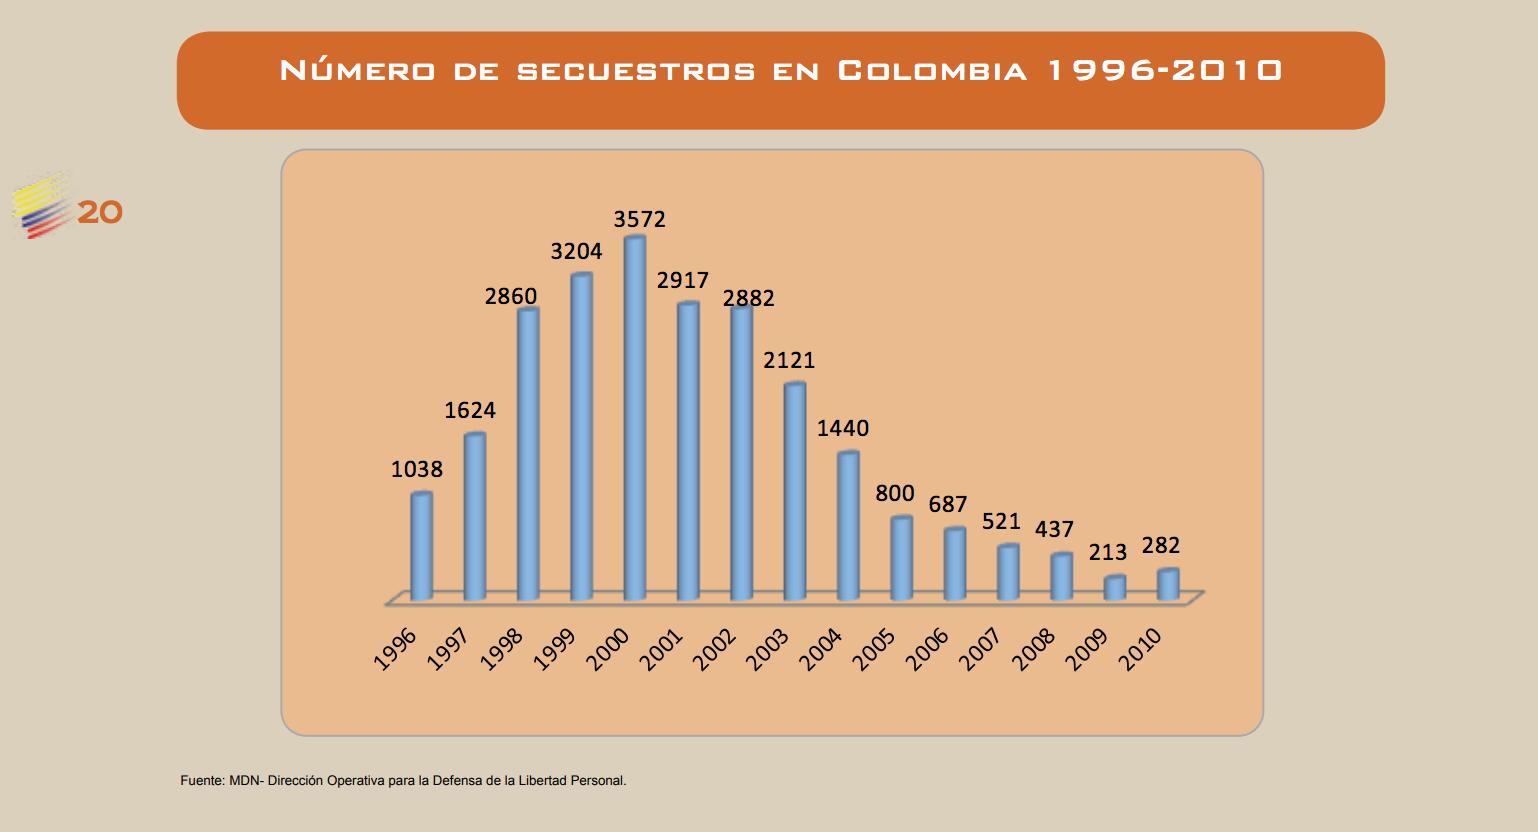 Secuestros en Colombia 1996-2010